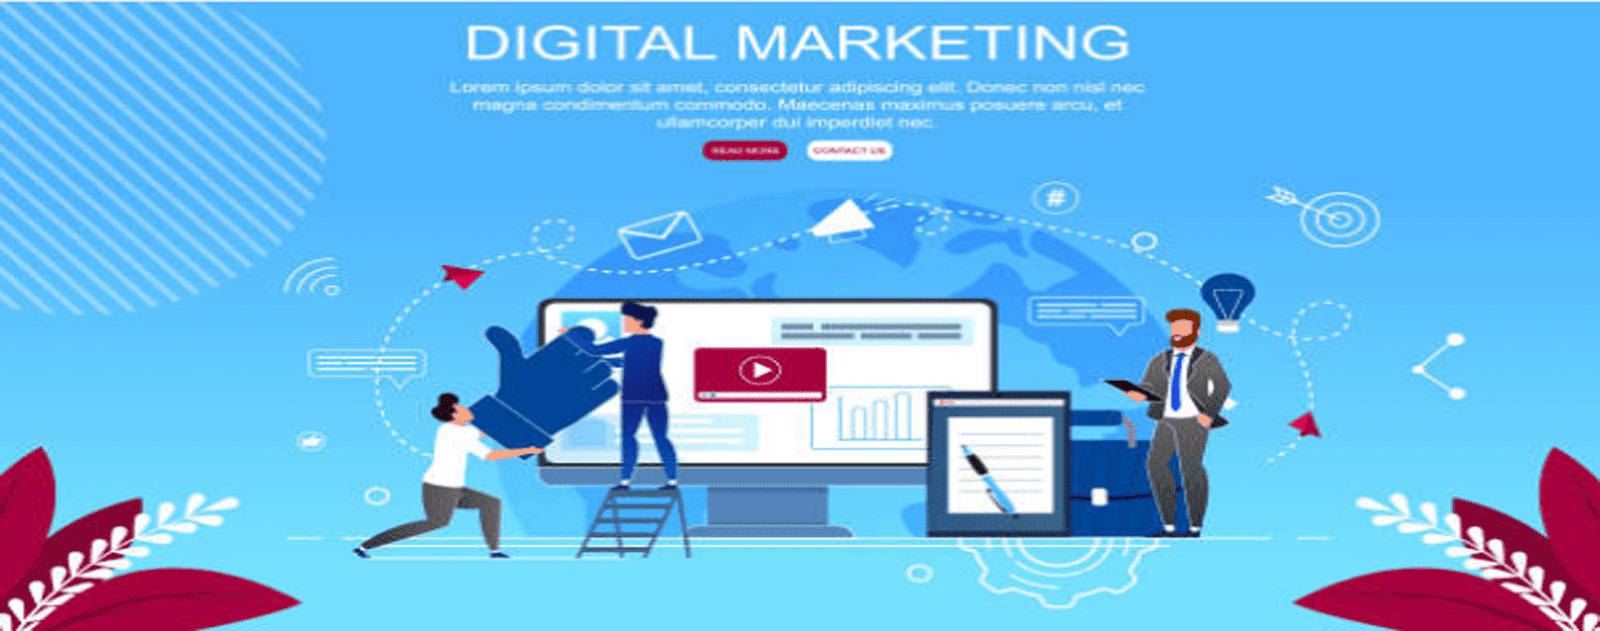 Học Digital marketing gồm những gì? Học Digital marketing ở đâu biên hòa